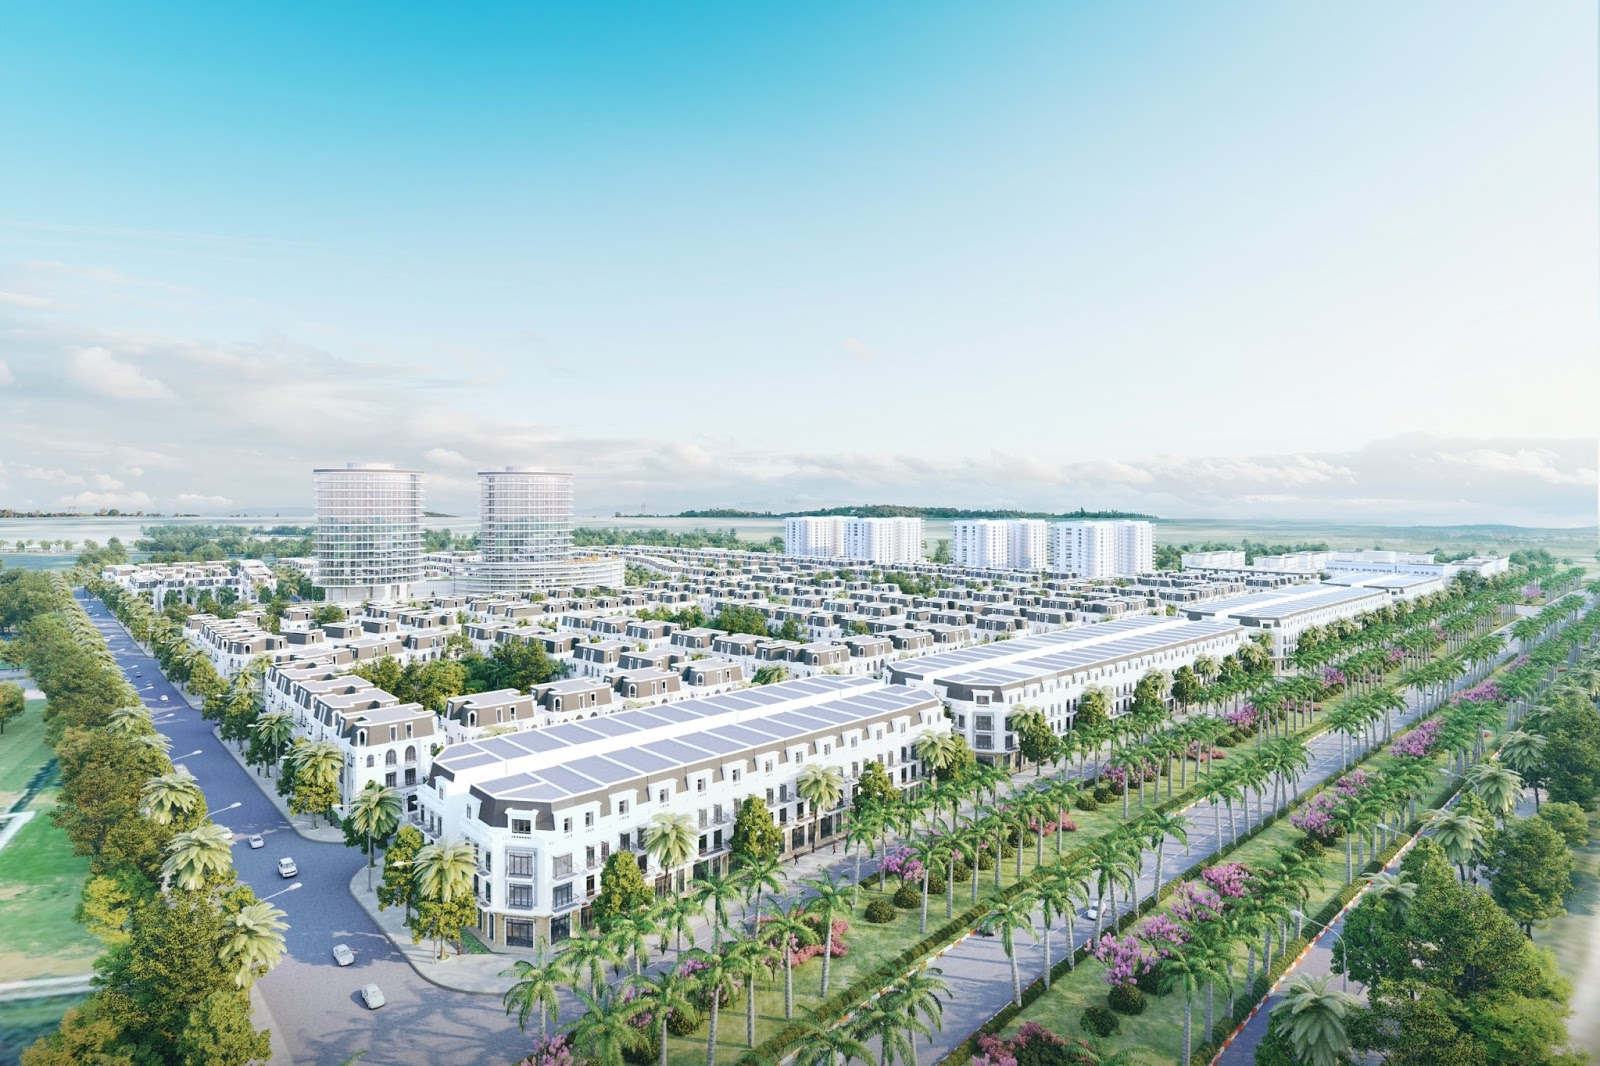 GÓC KHUẤT TẠI Dự án Seoul Ecohome, Tràng Duệ, Hải Phòng